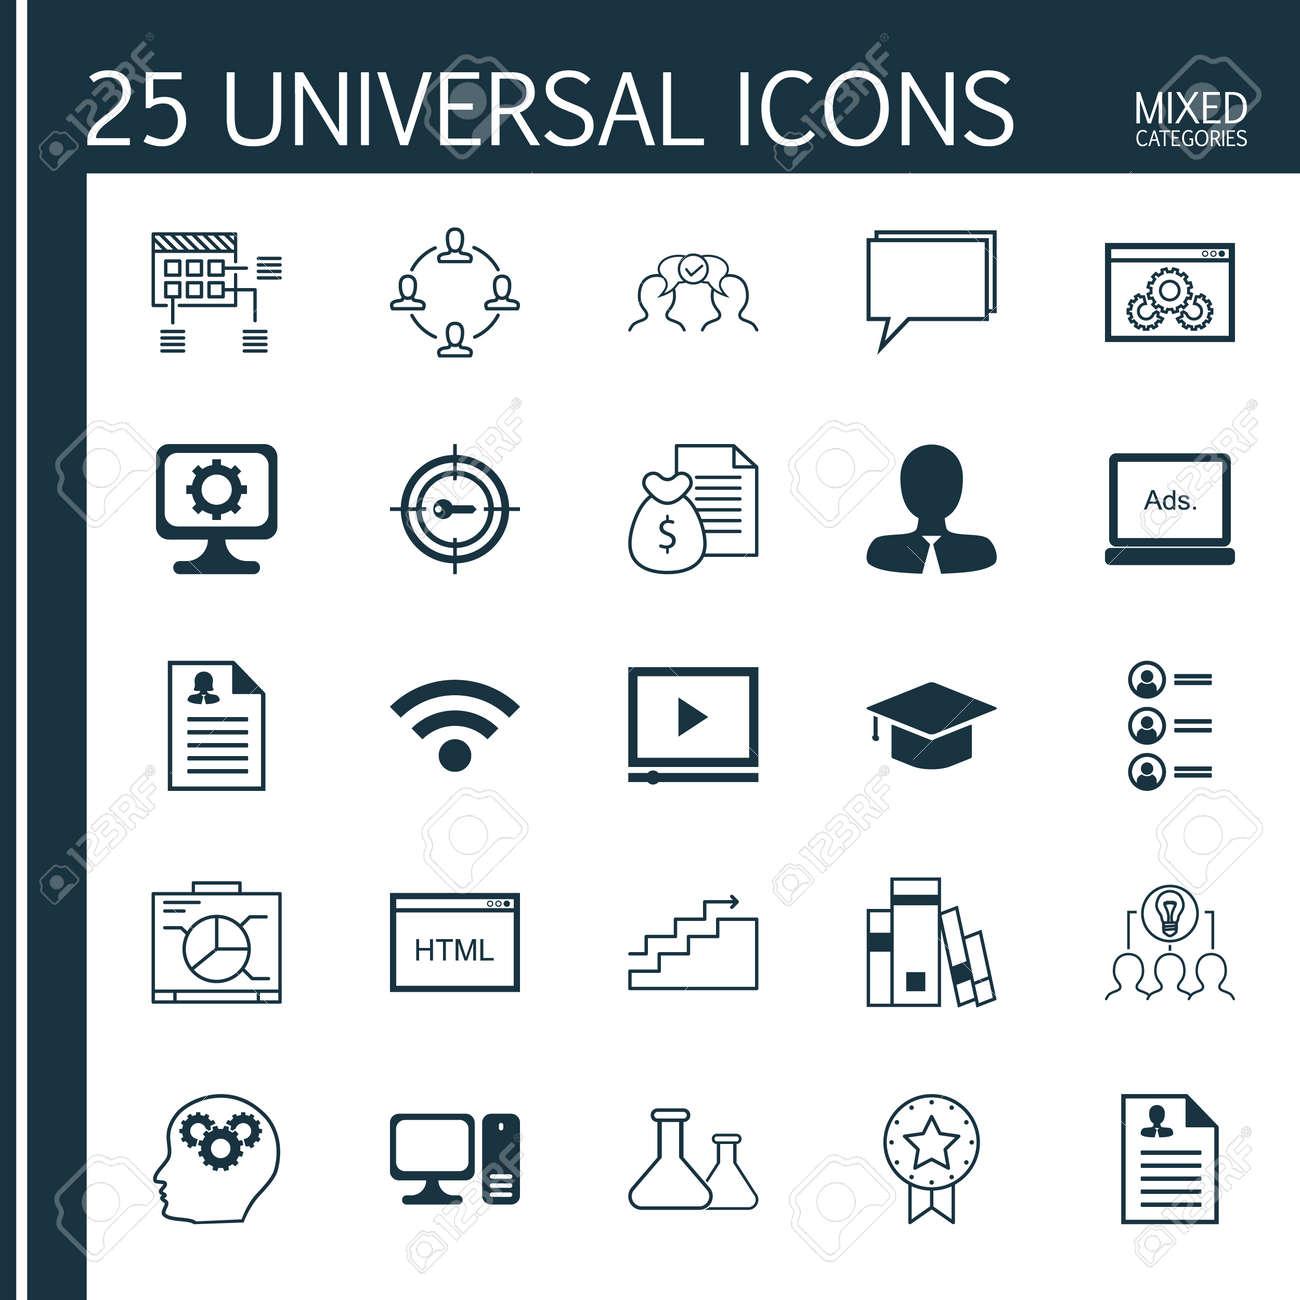 Conjunto De 25 Iconos Universales Sobre Crecimiento, Tablero ...